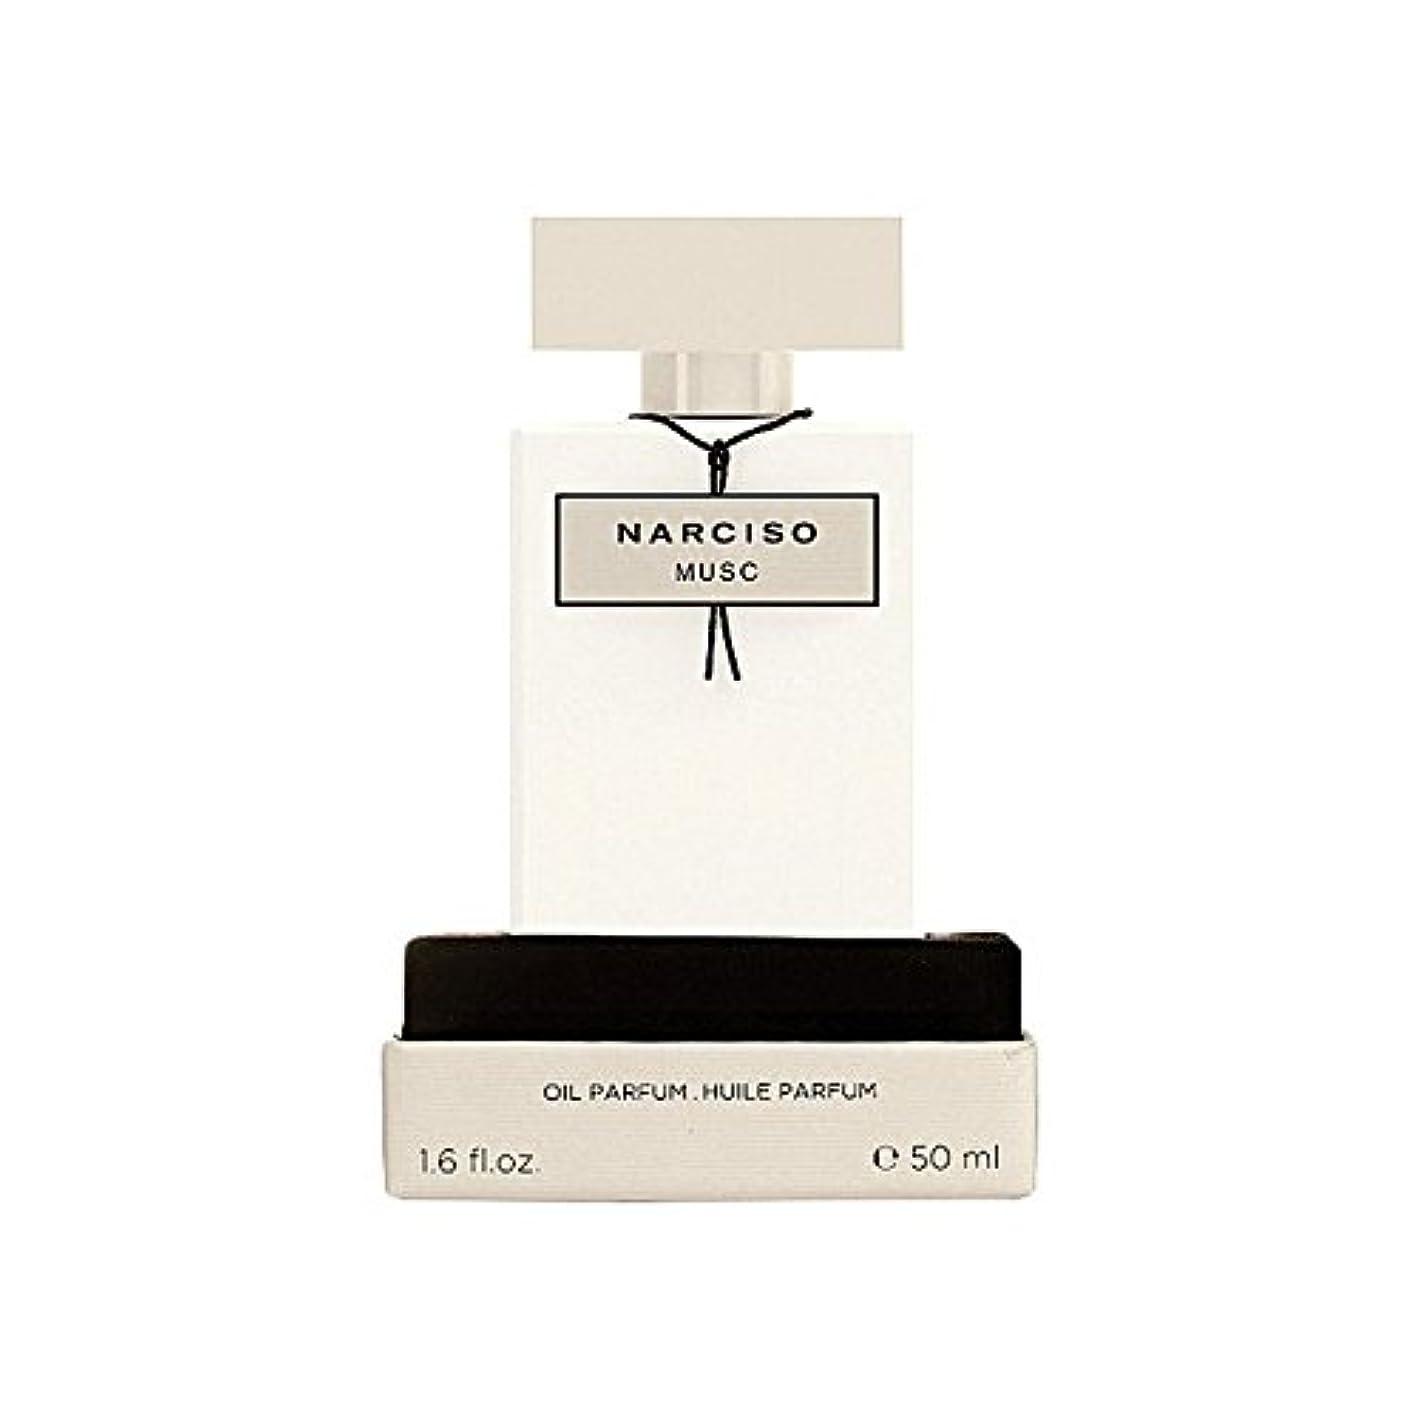 迅速静かに取り替えるナルシソ?ロドリゲスナルシソオイル50ミリリットル x2 - Narciso Rodriguez Narciso Musc Oil 50ml (Pack of 2) [並行輸入品]